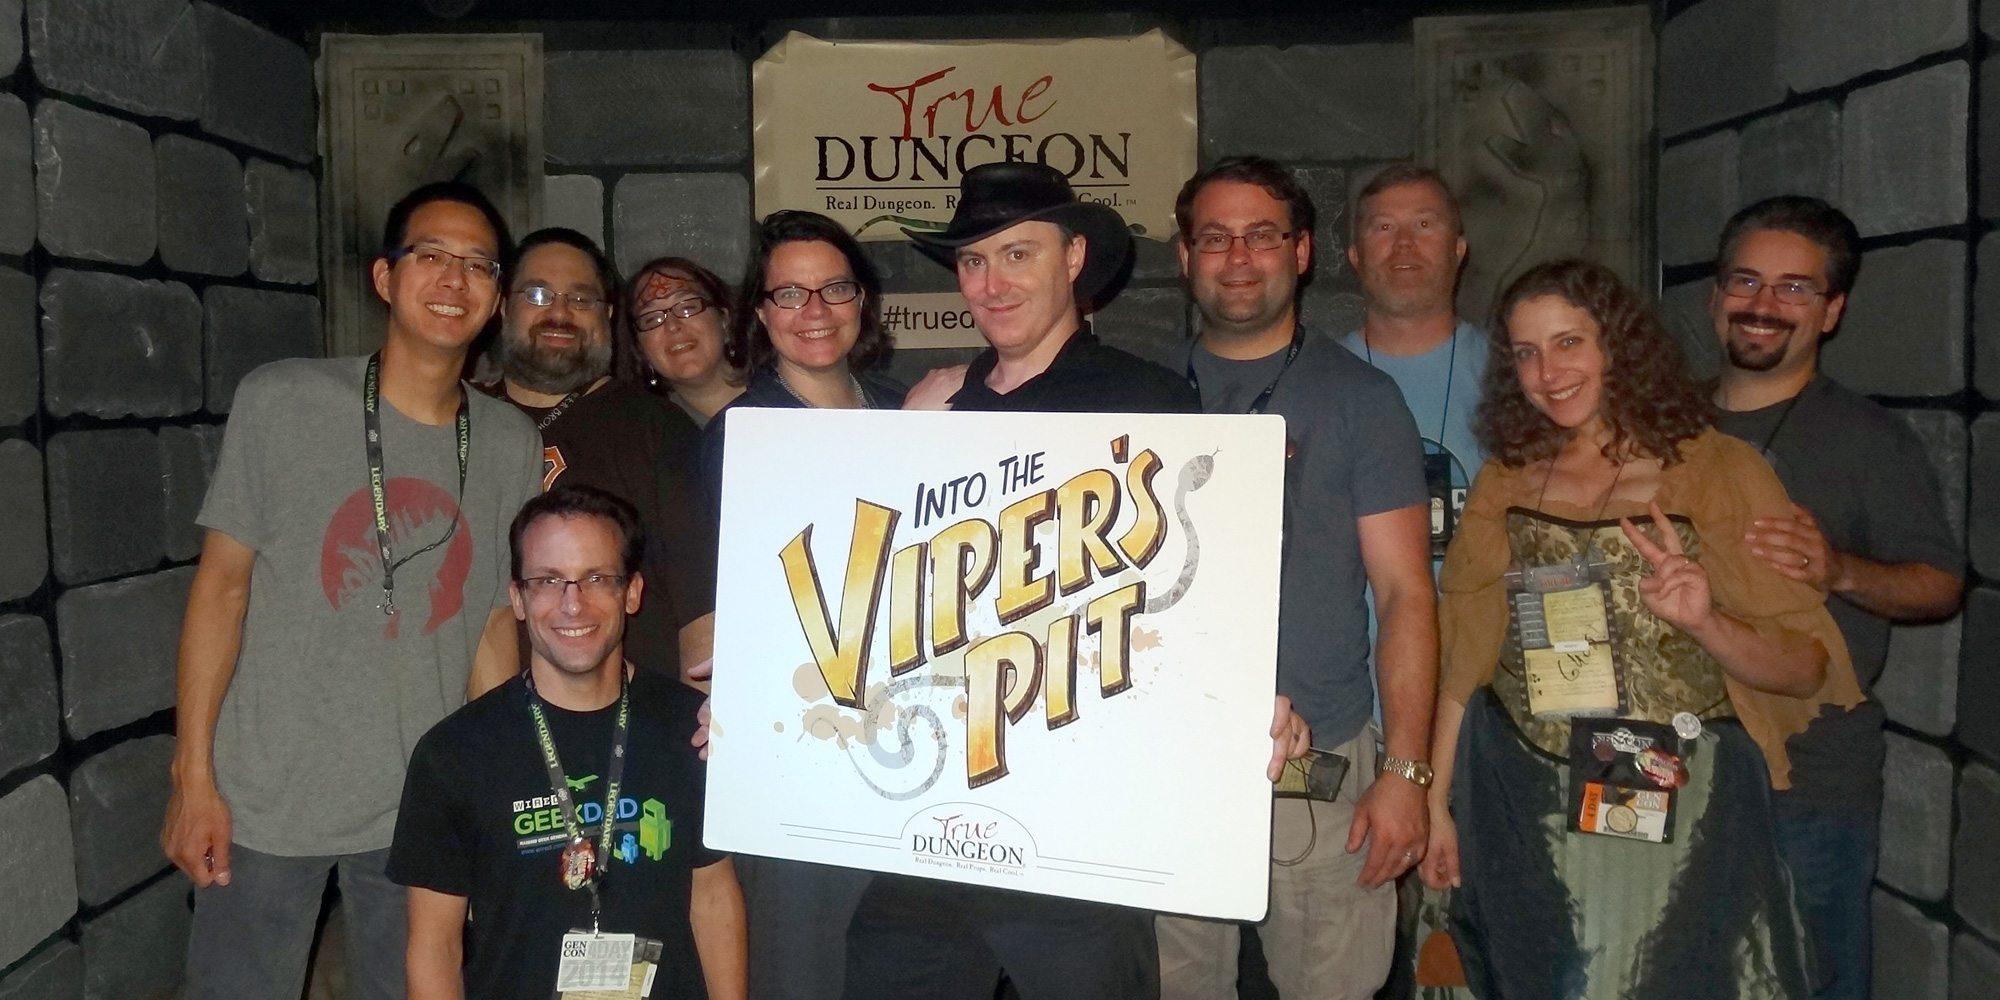 True Dungeon group photo